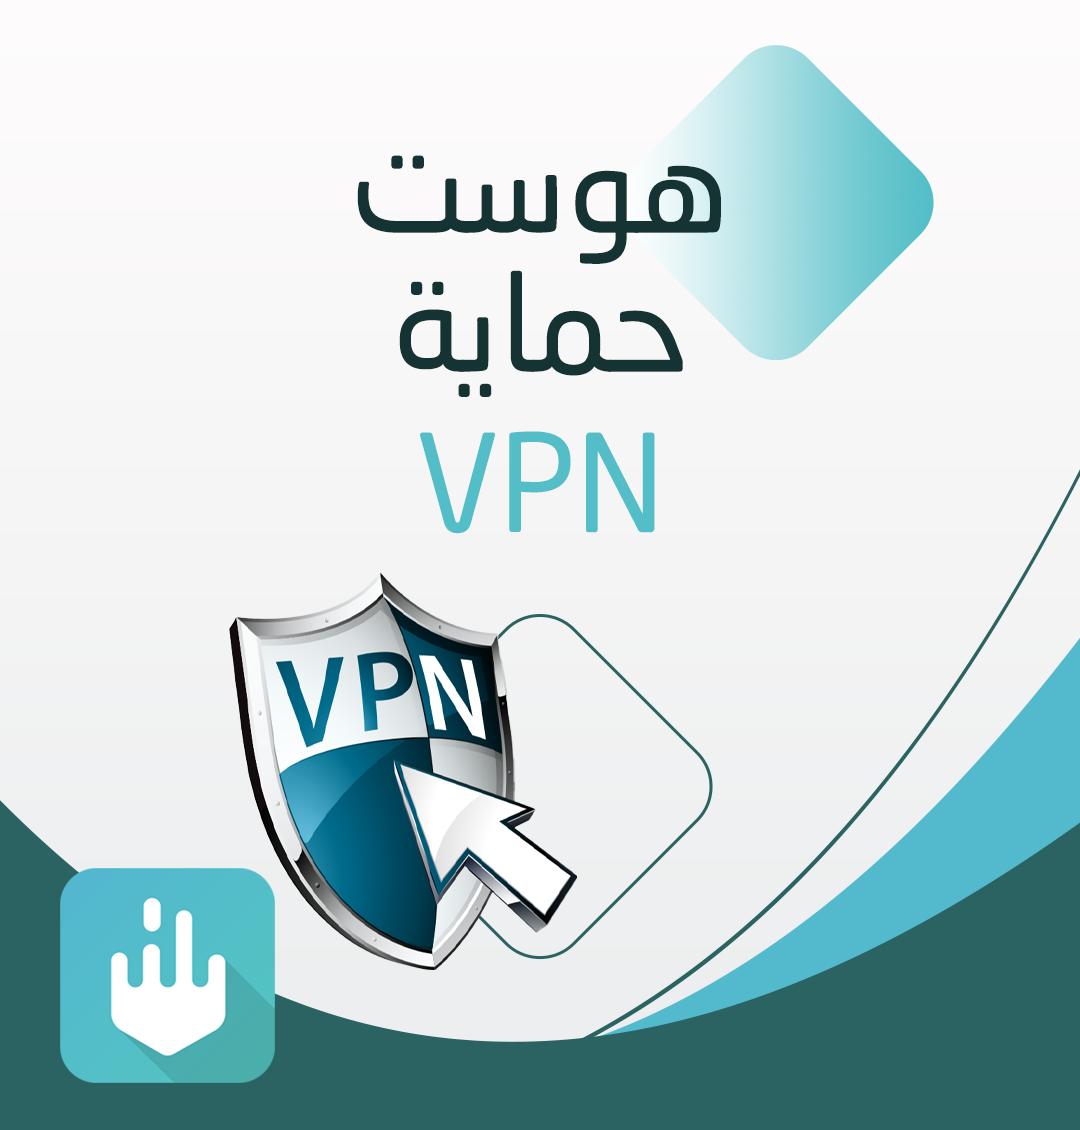 هوست - VPN